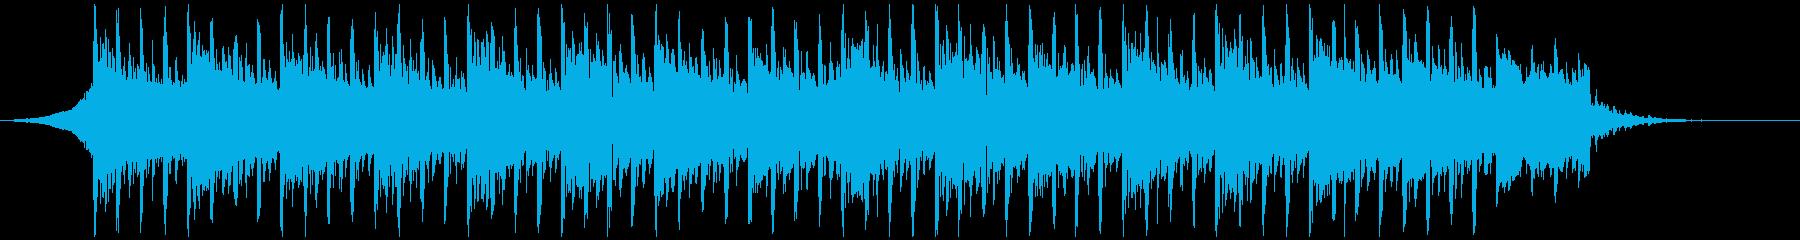 テクノロジー事業(40秒)の再生済みの波形